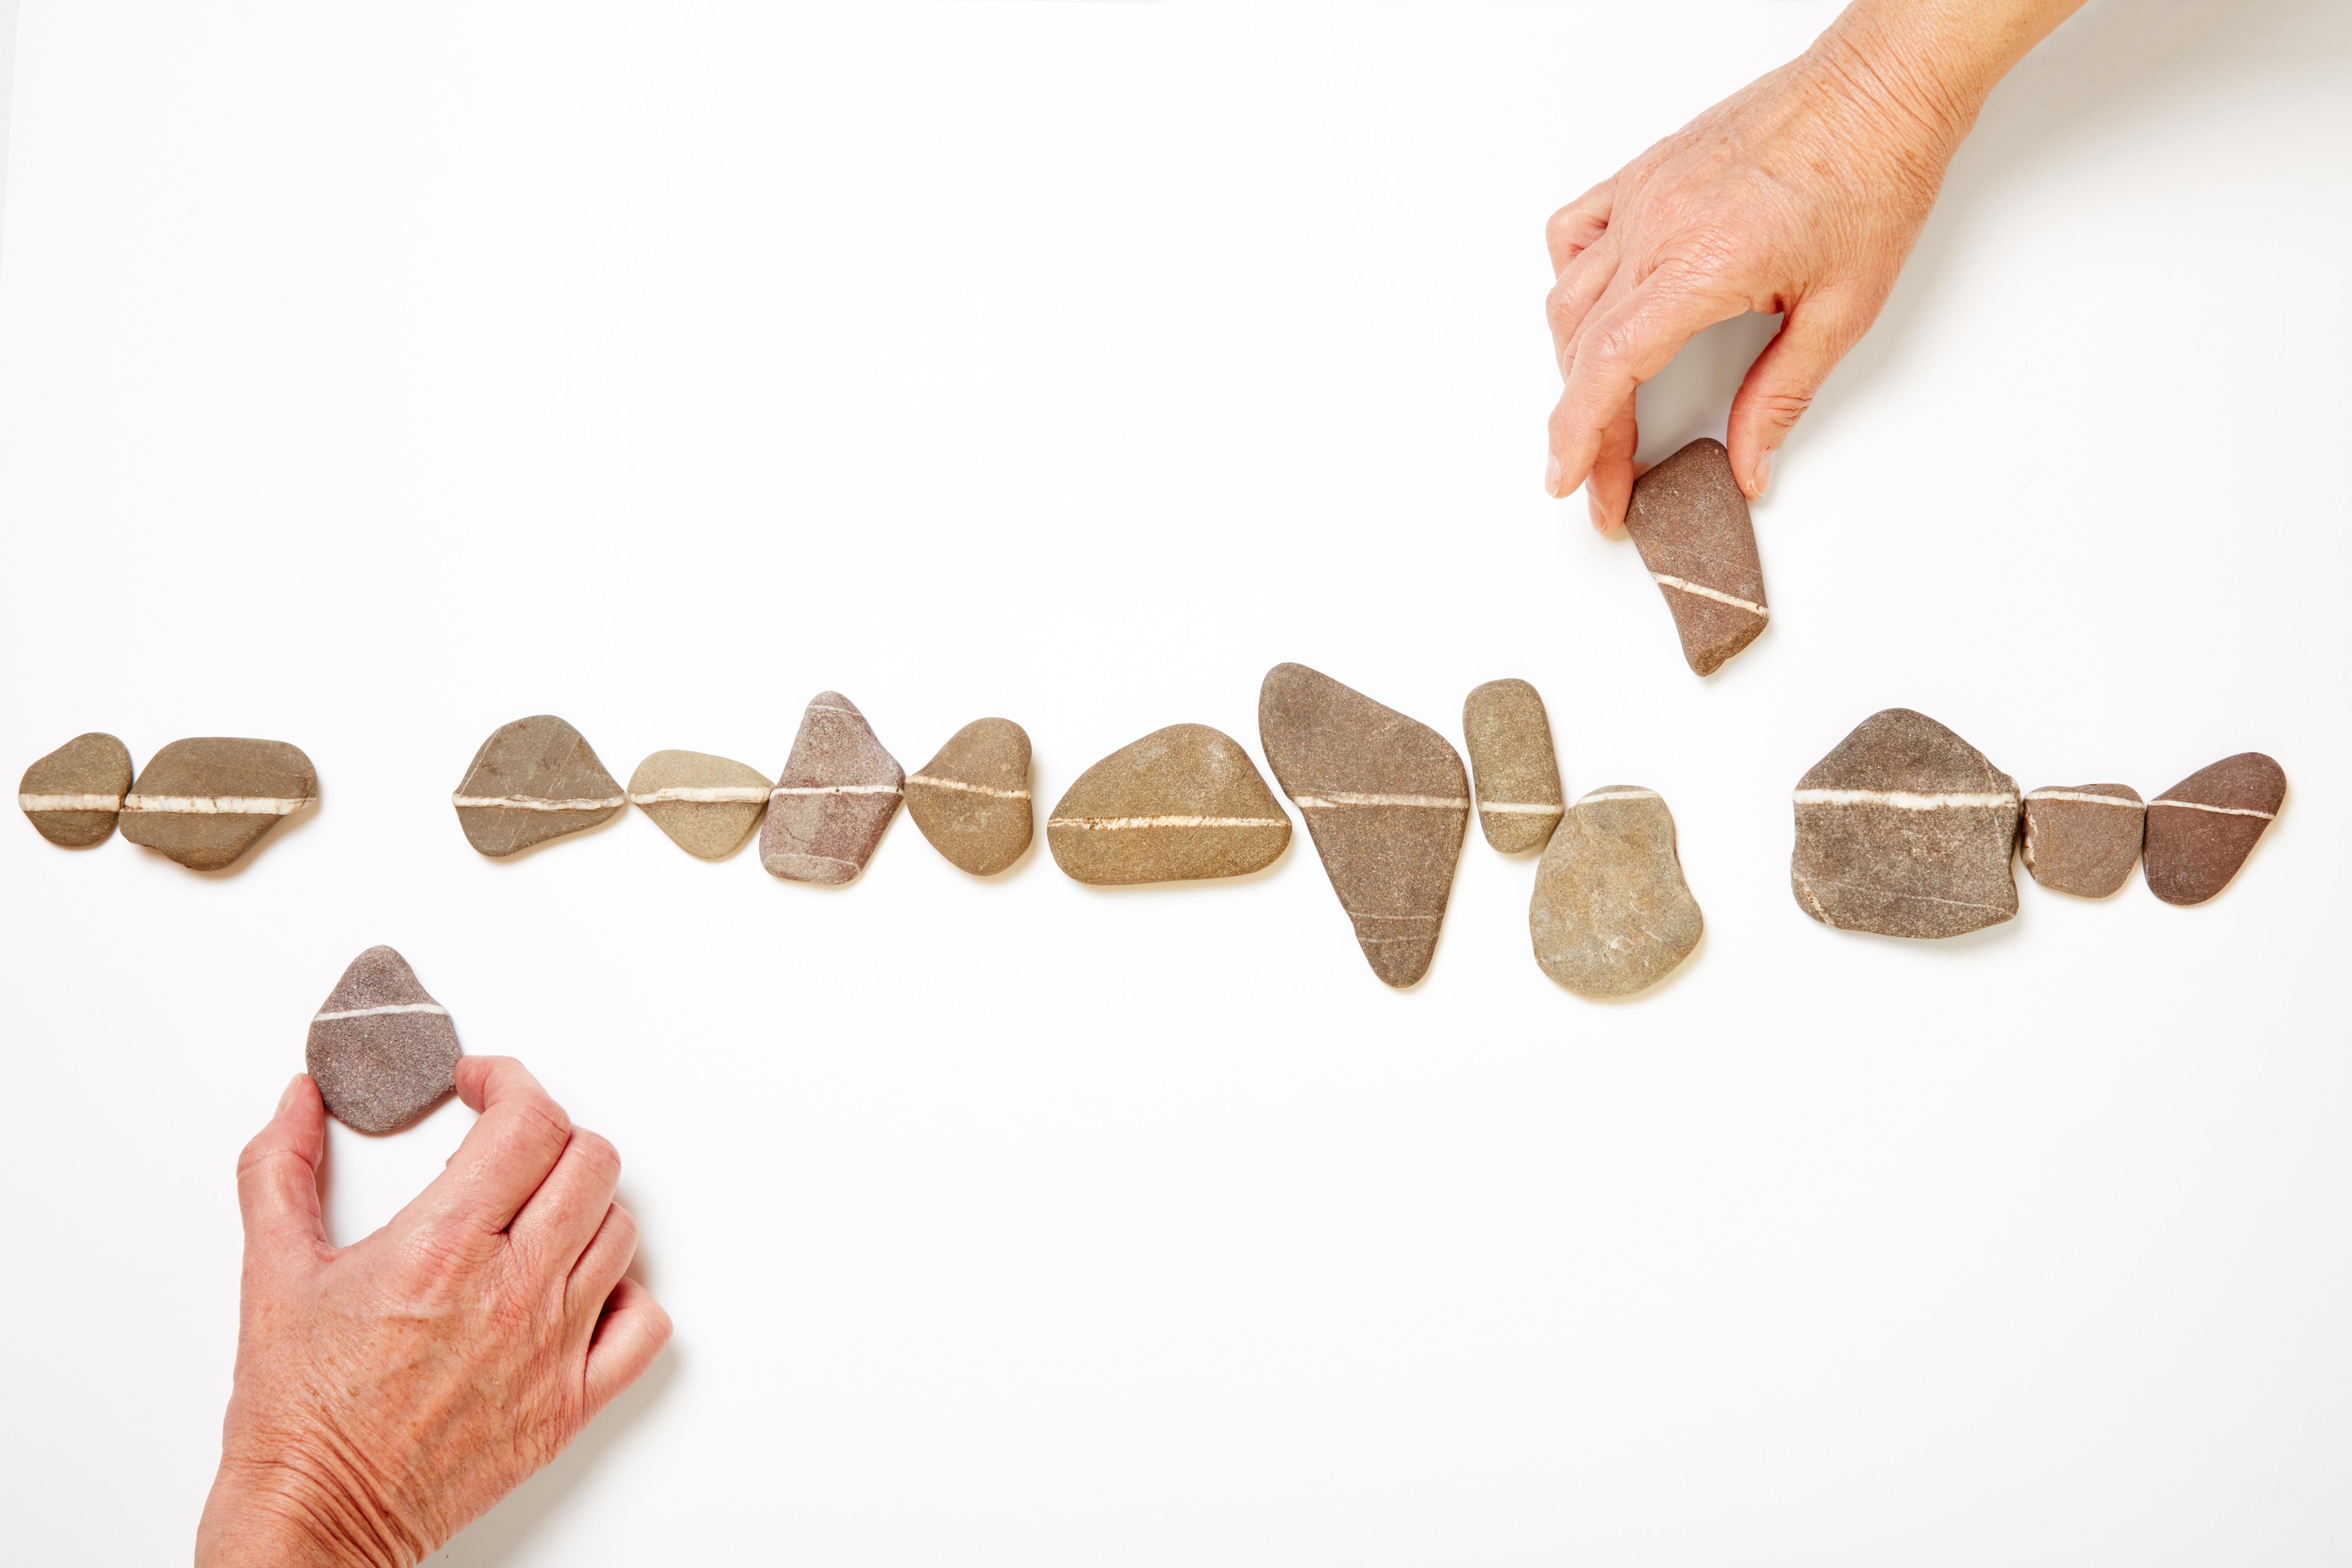 Zwei Hände bilden zusammen eine Linie aus vielen kleinen Steinen